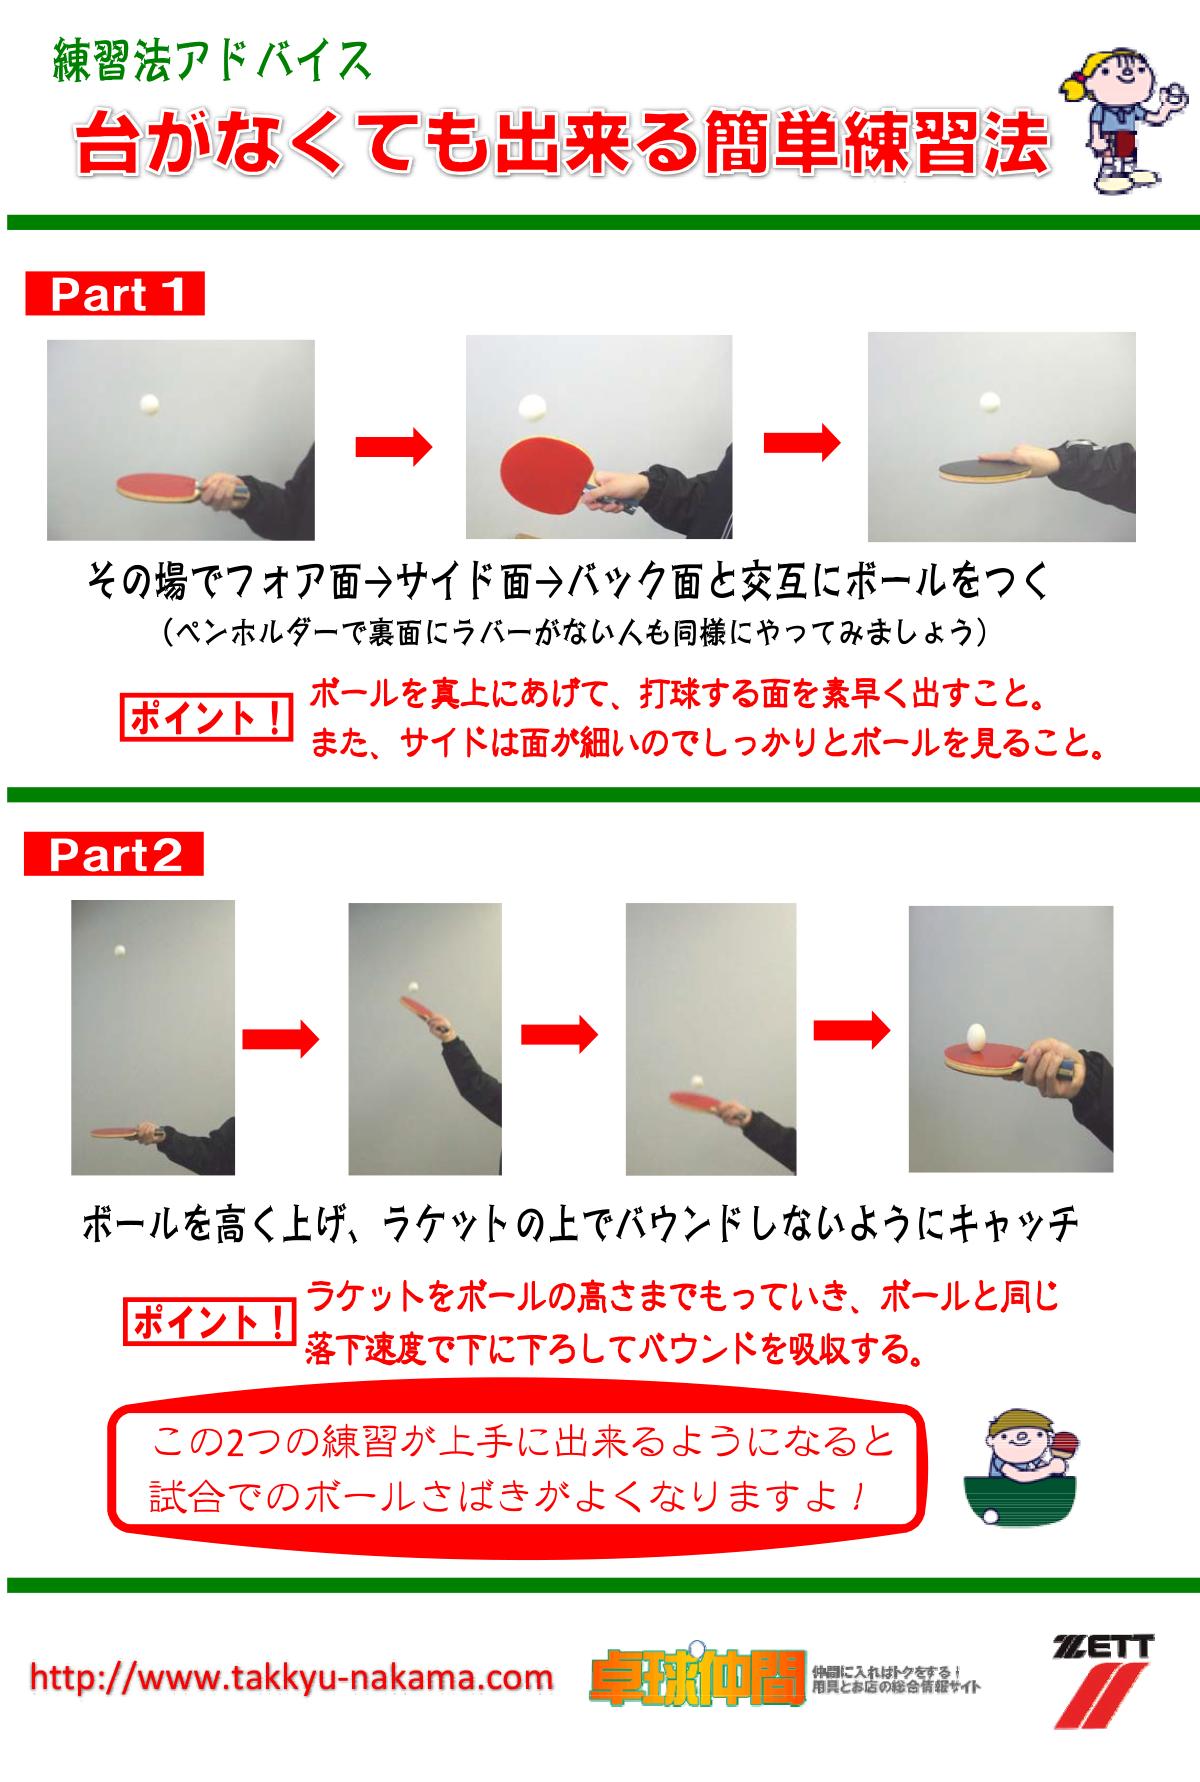 入門アドバイス - 台がなくても出来る簡単練習法